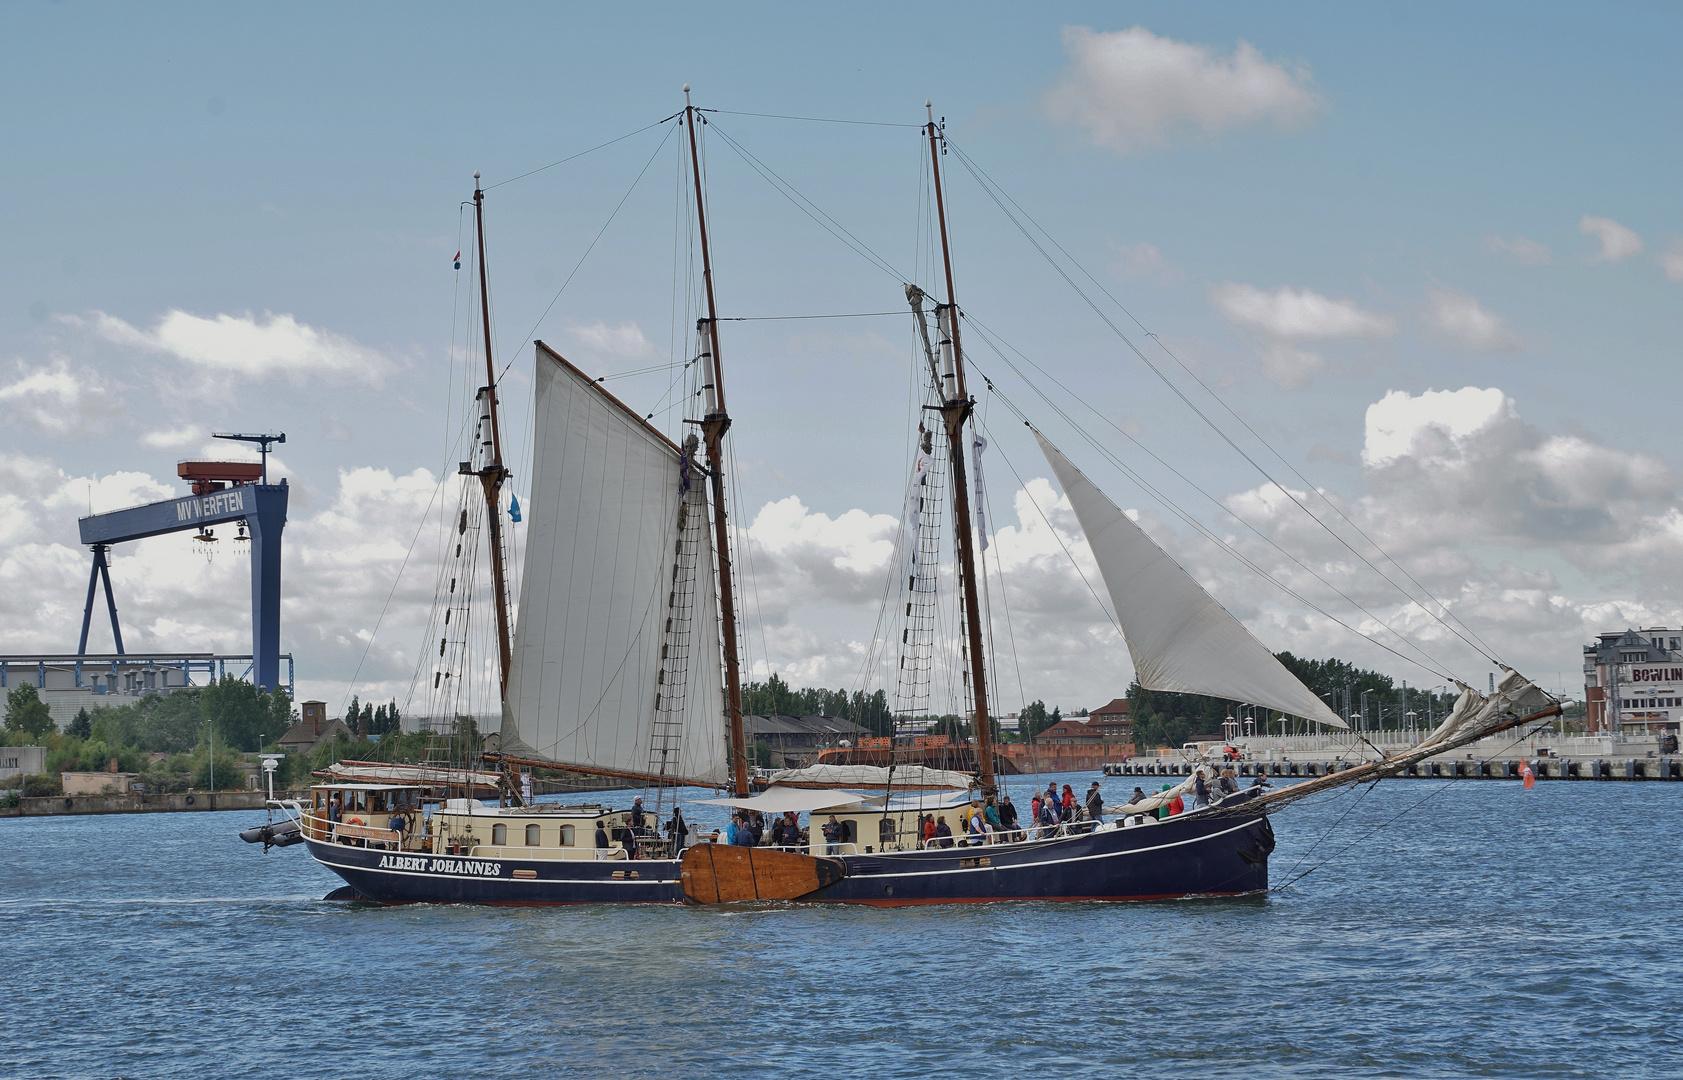 Albert Johannes bei der Hanse Sail